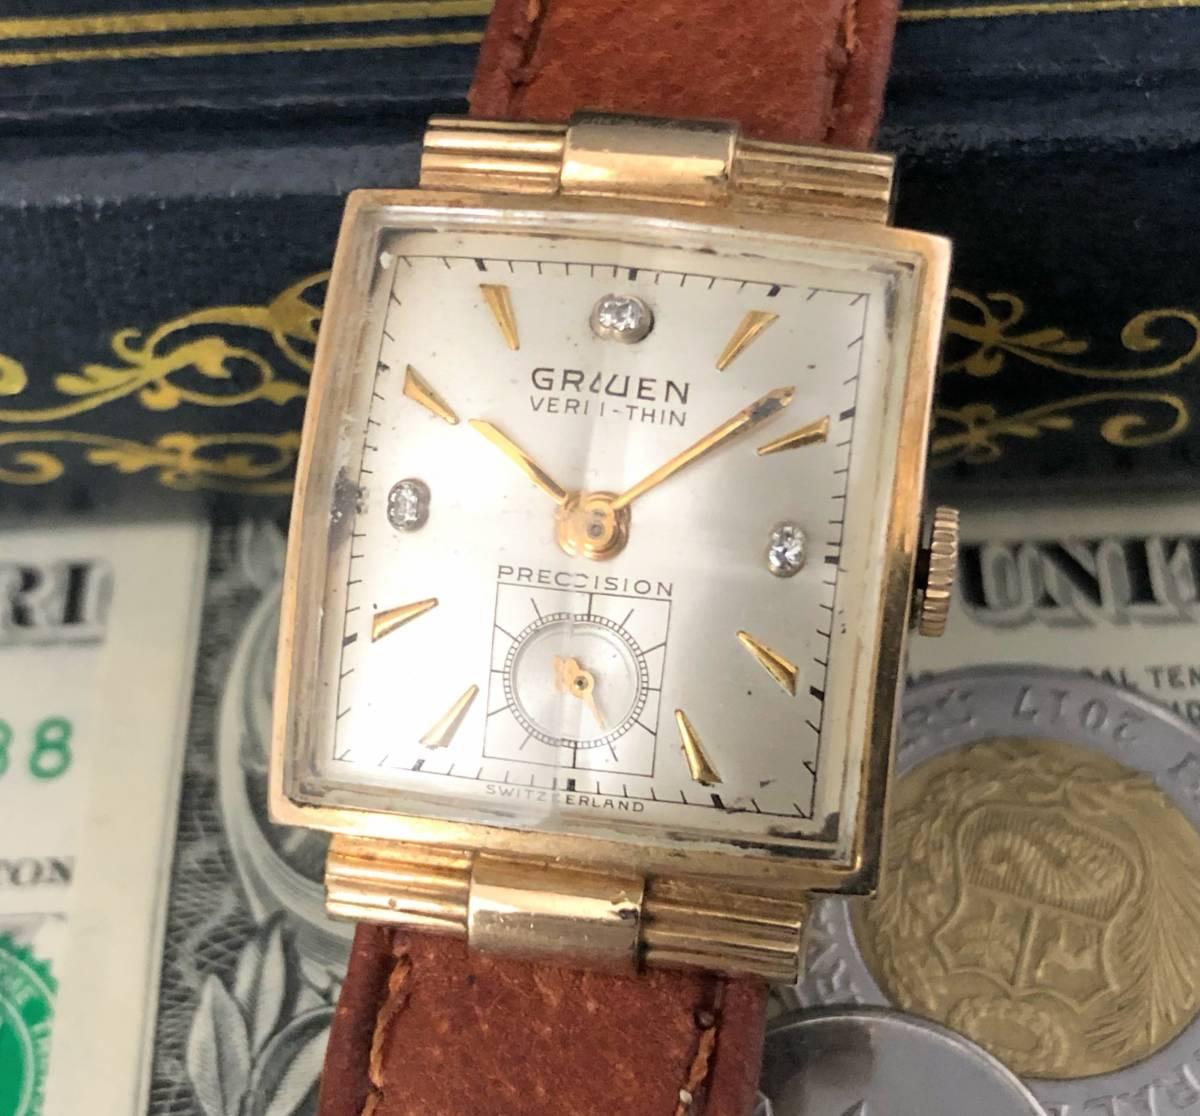 【貴重】◎/グリュエン/GRUEN/ゴールド/1950's/アンティーク/Veri-Thin/10K/スクエア/手巻/金張/ベリシン/メンズ腕時計/アメリカ/送料無料_画像1